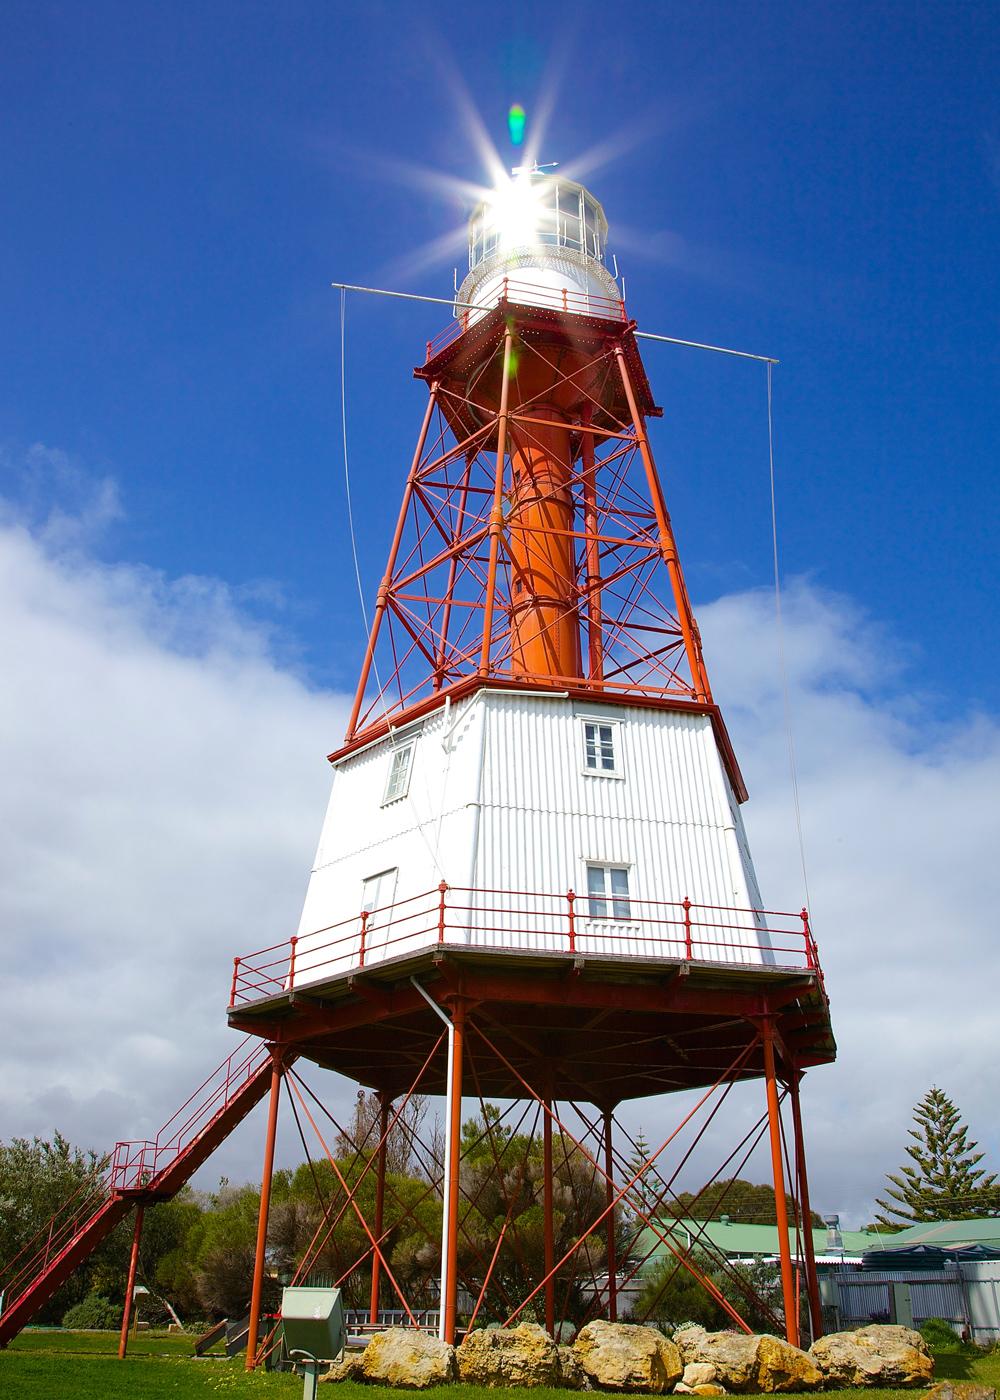 Cape Jaffa Lightouse Museum, Kingston SE